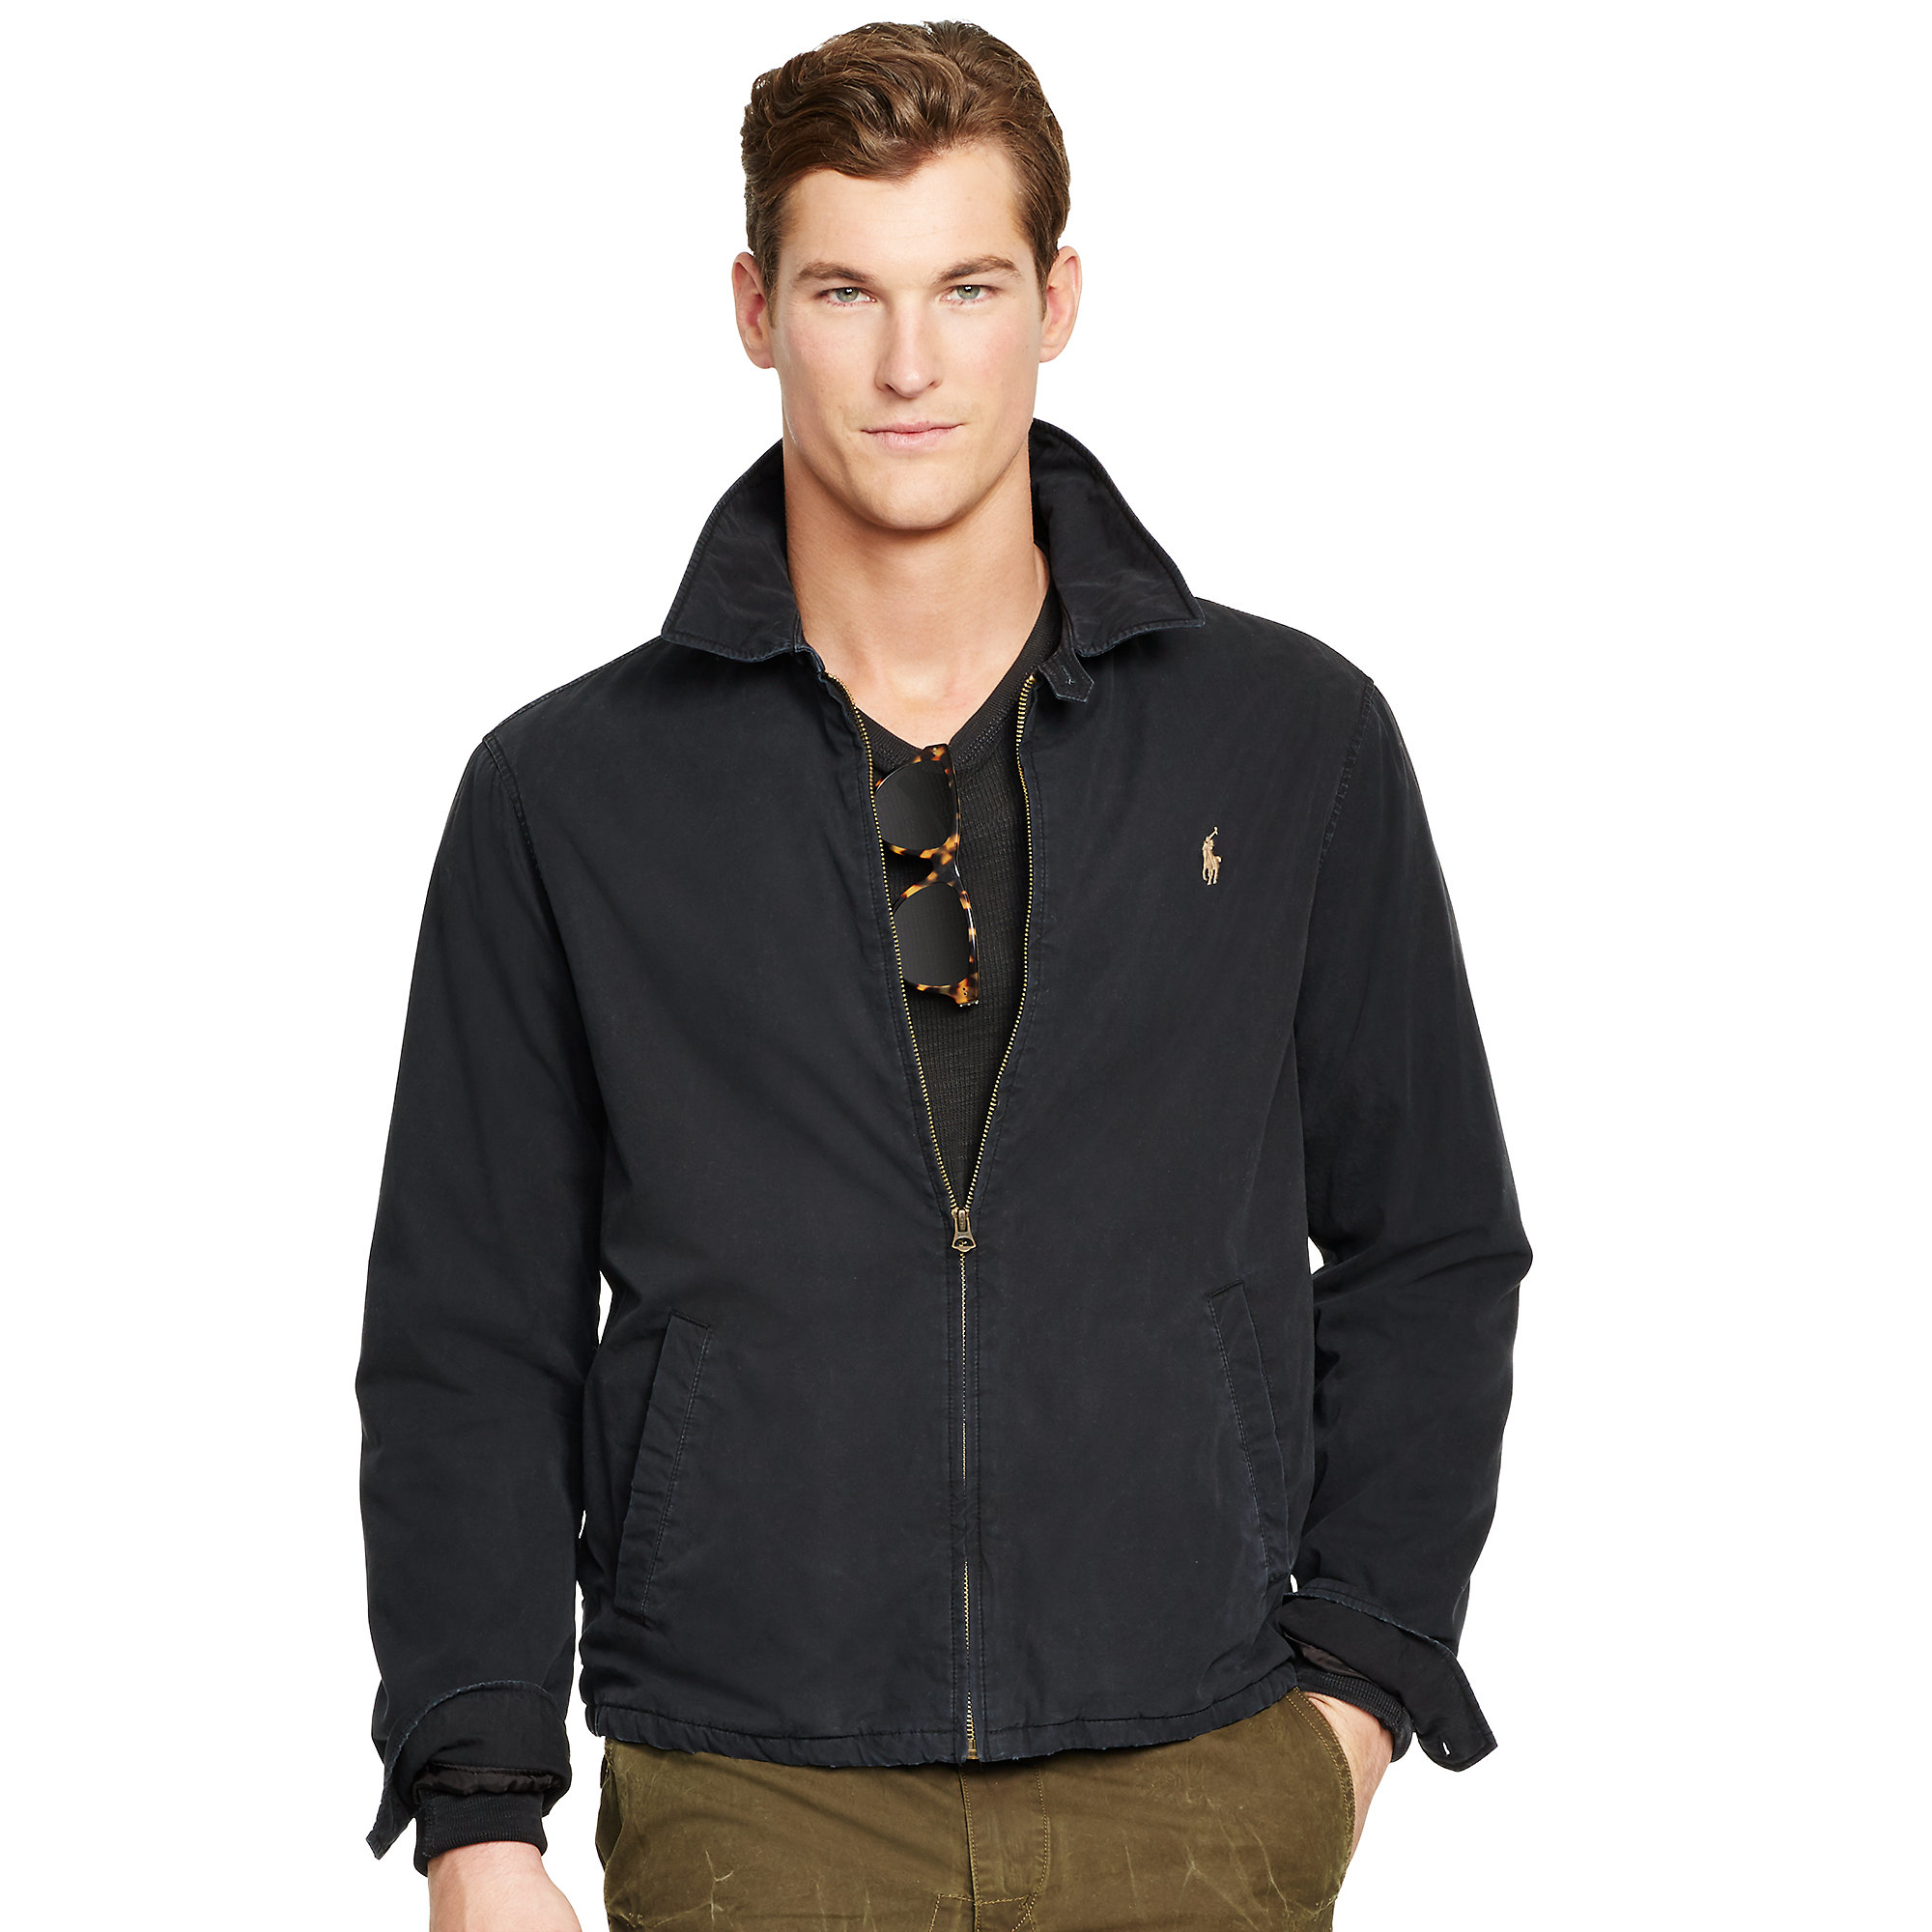 Polo ralph lauren Cotton Poplin Windbreaker in Black for Men | Lyst